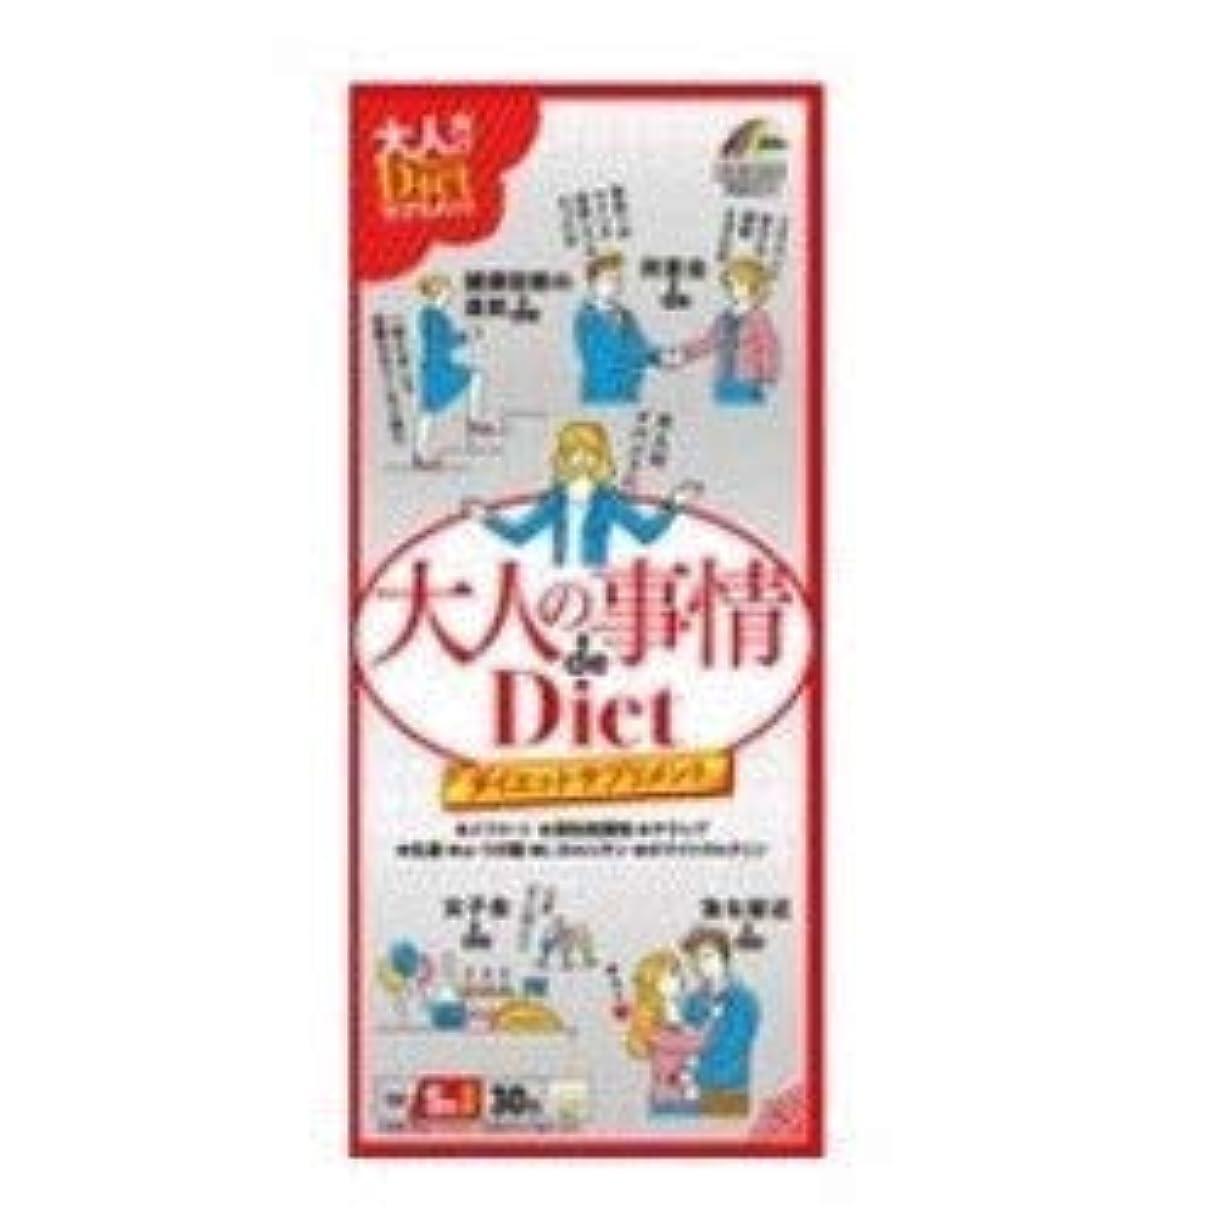 欠伸カラス原点【ユニマットリケン】大人の事情ダイエット 30包×3